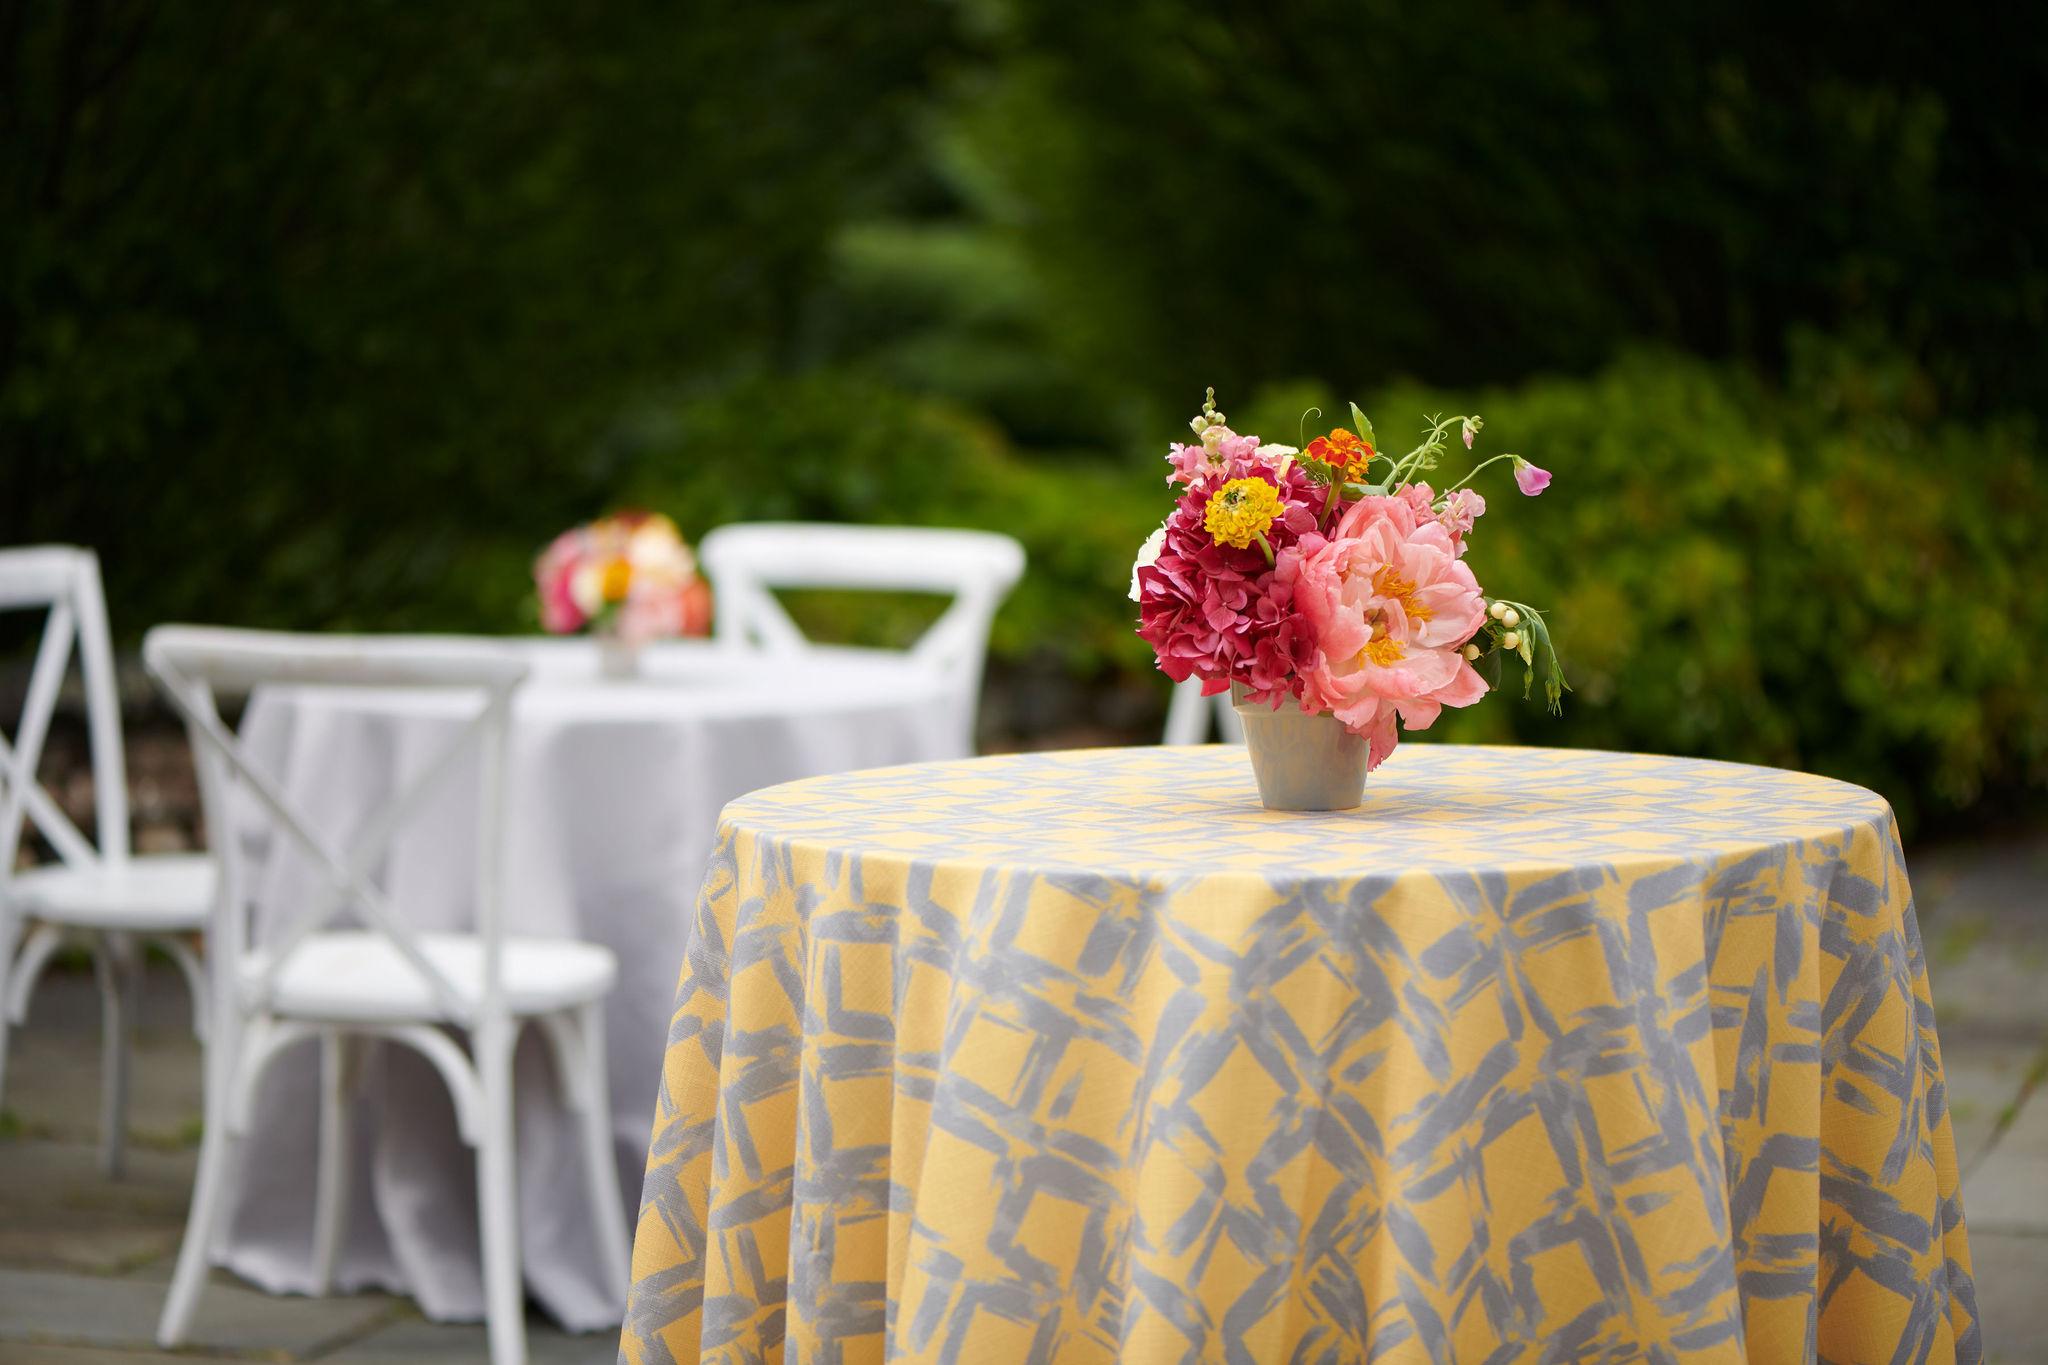 Summer outdoor wedding